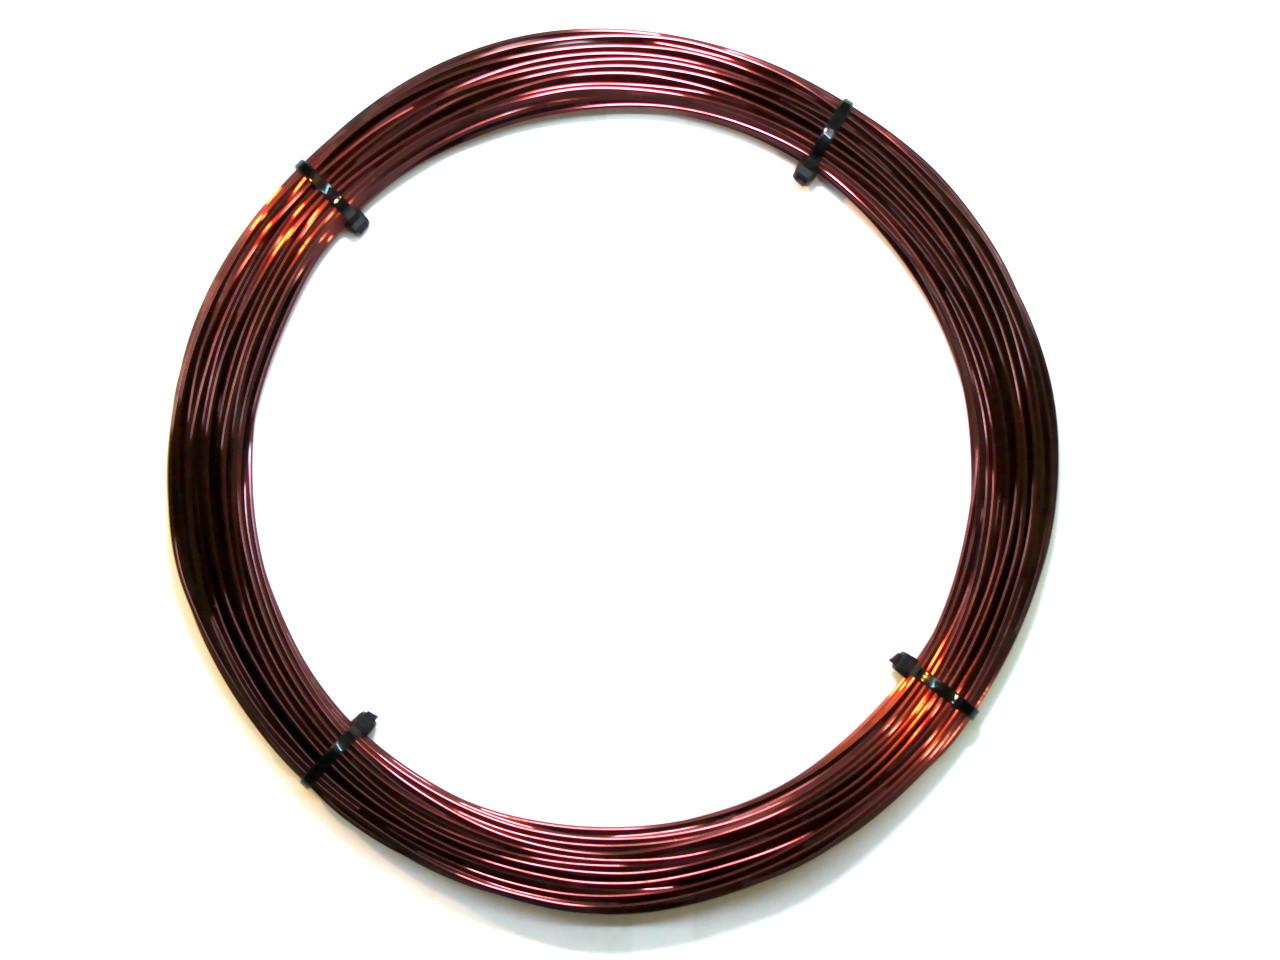 Обмоточный эмальпровод алюминиевый диаметром 1,3 мм, весом 0,25 кг